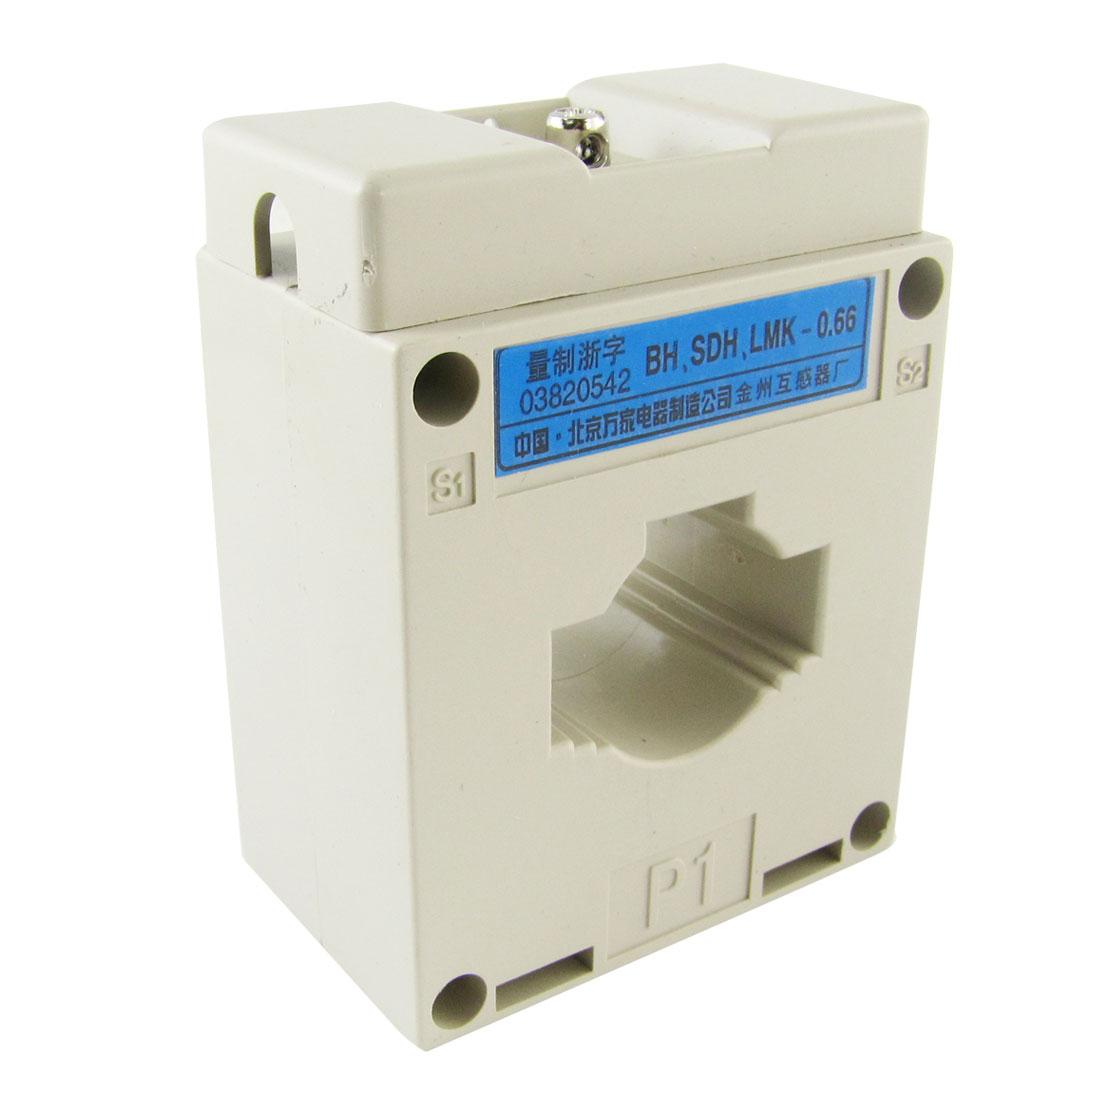 50A Primary 5A Secondary 50/5 Ratio Current Transformer 0.66KV